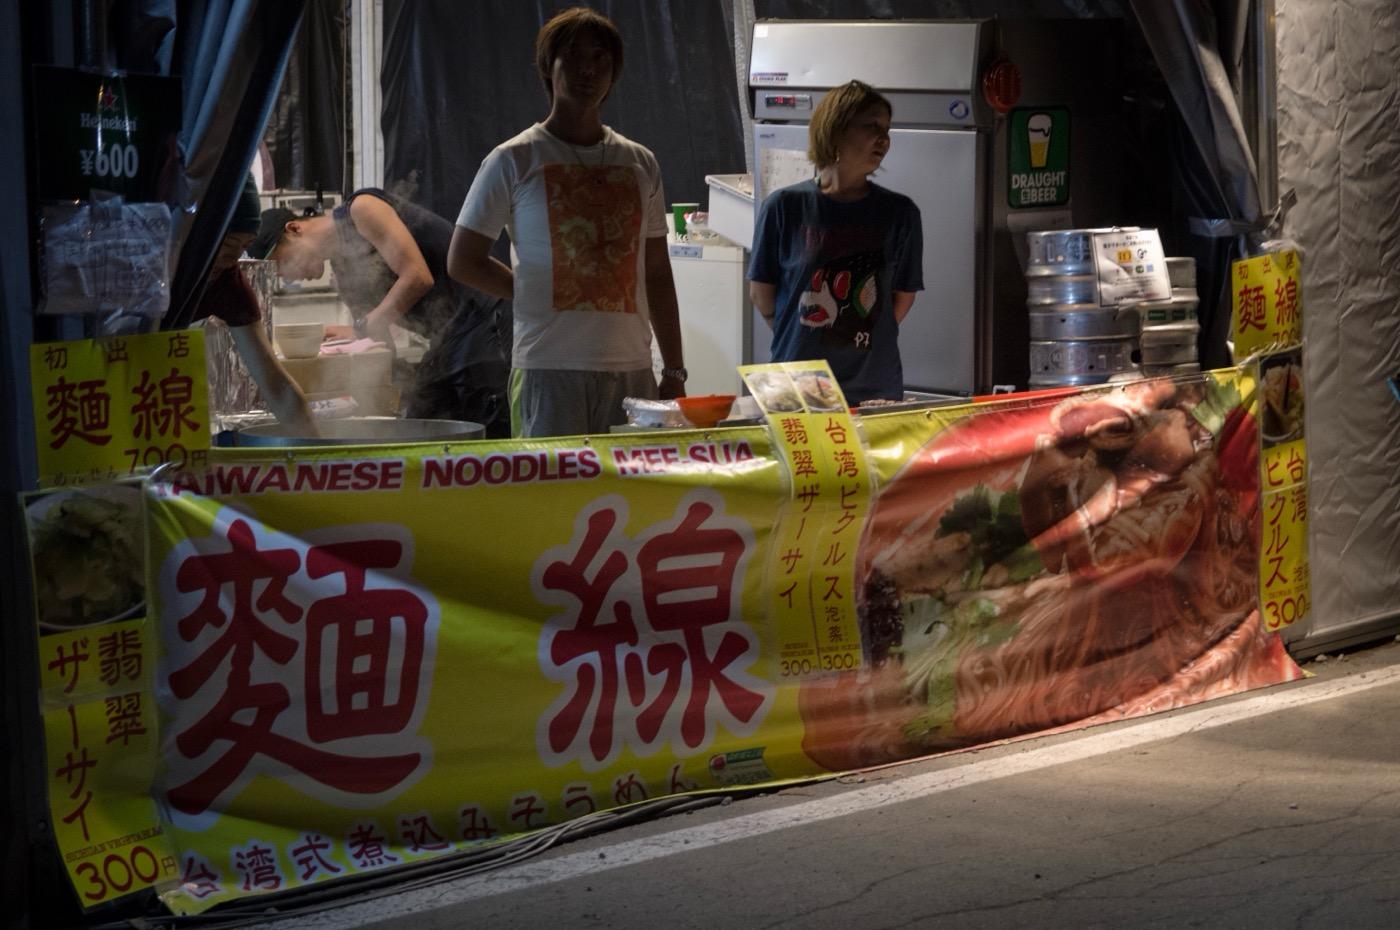 胃に優しい台湾の麺線